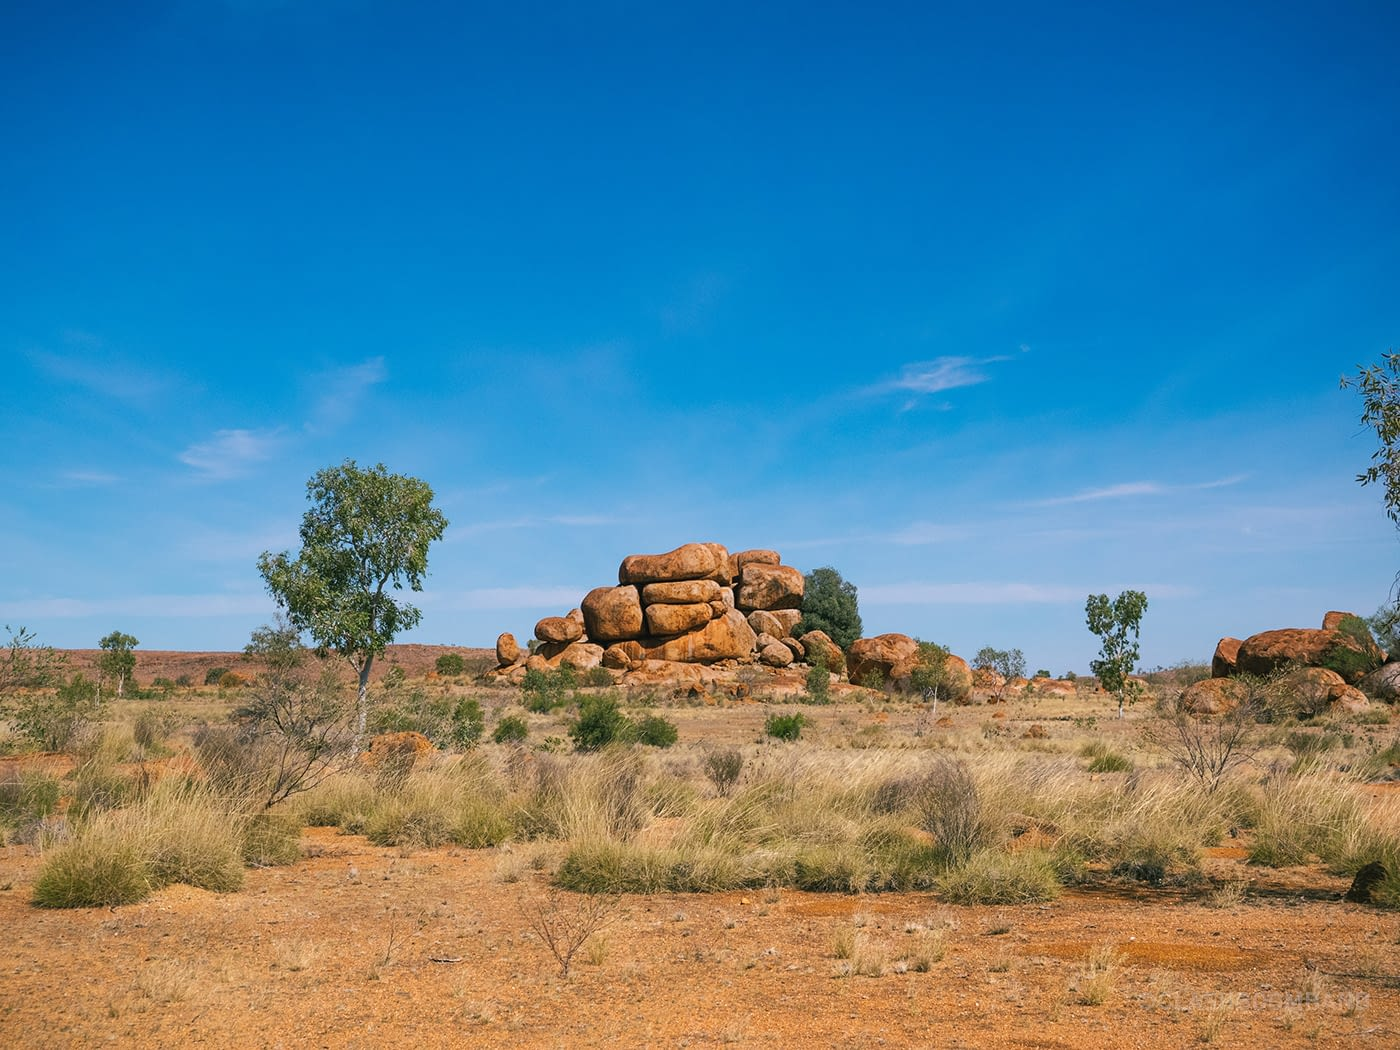 NT Australia - Karlu Karlu - Neatly stacked boulders